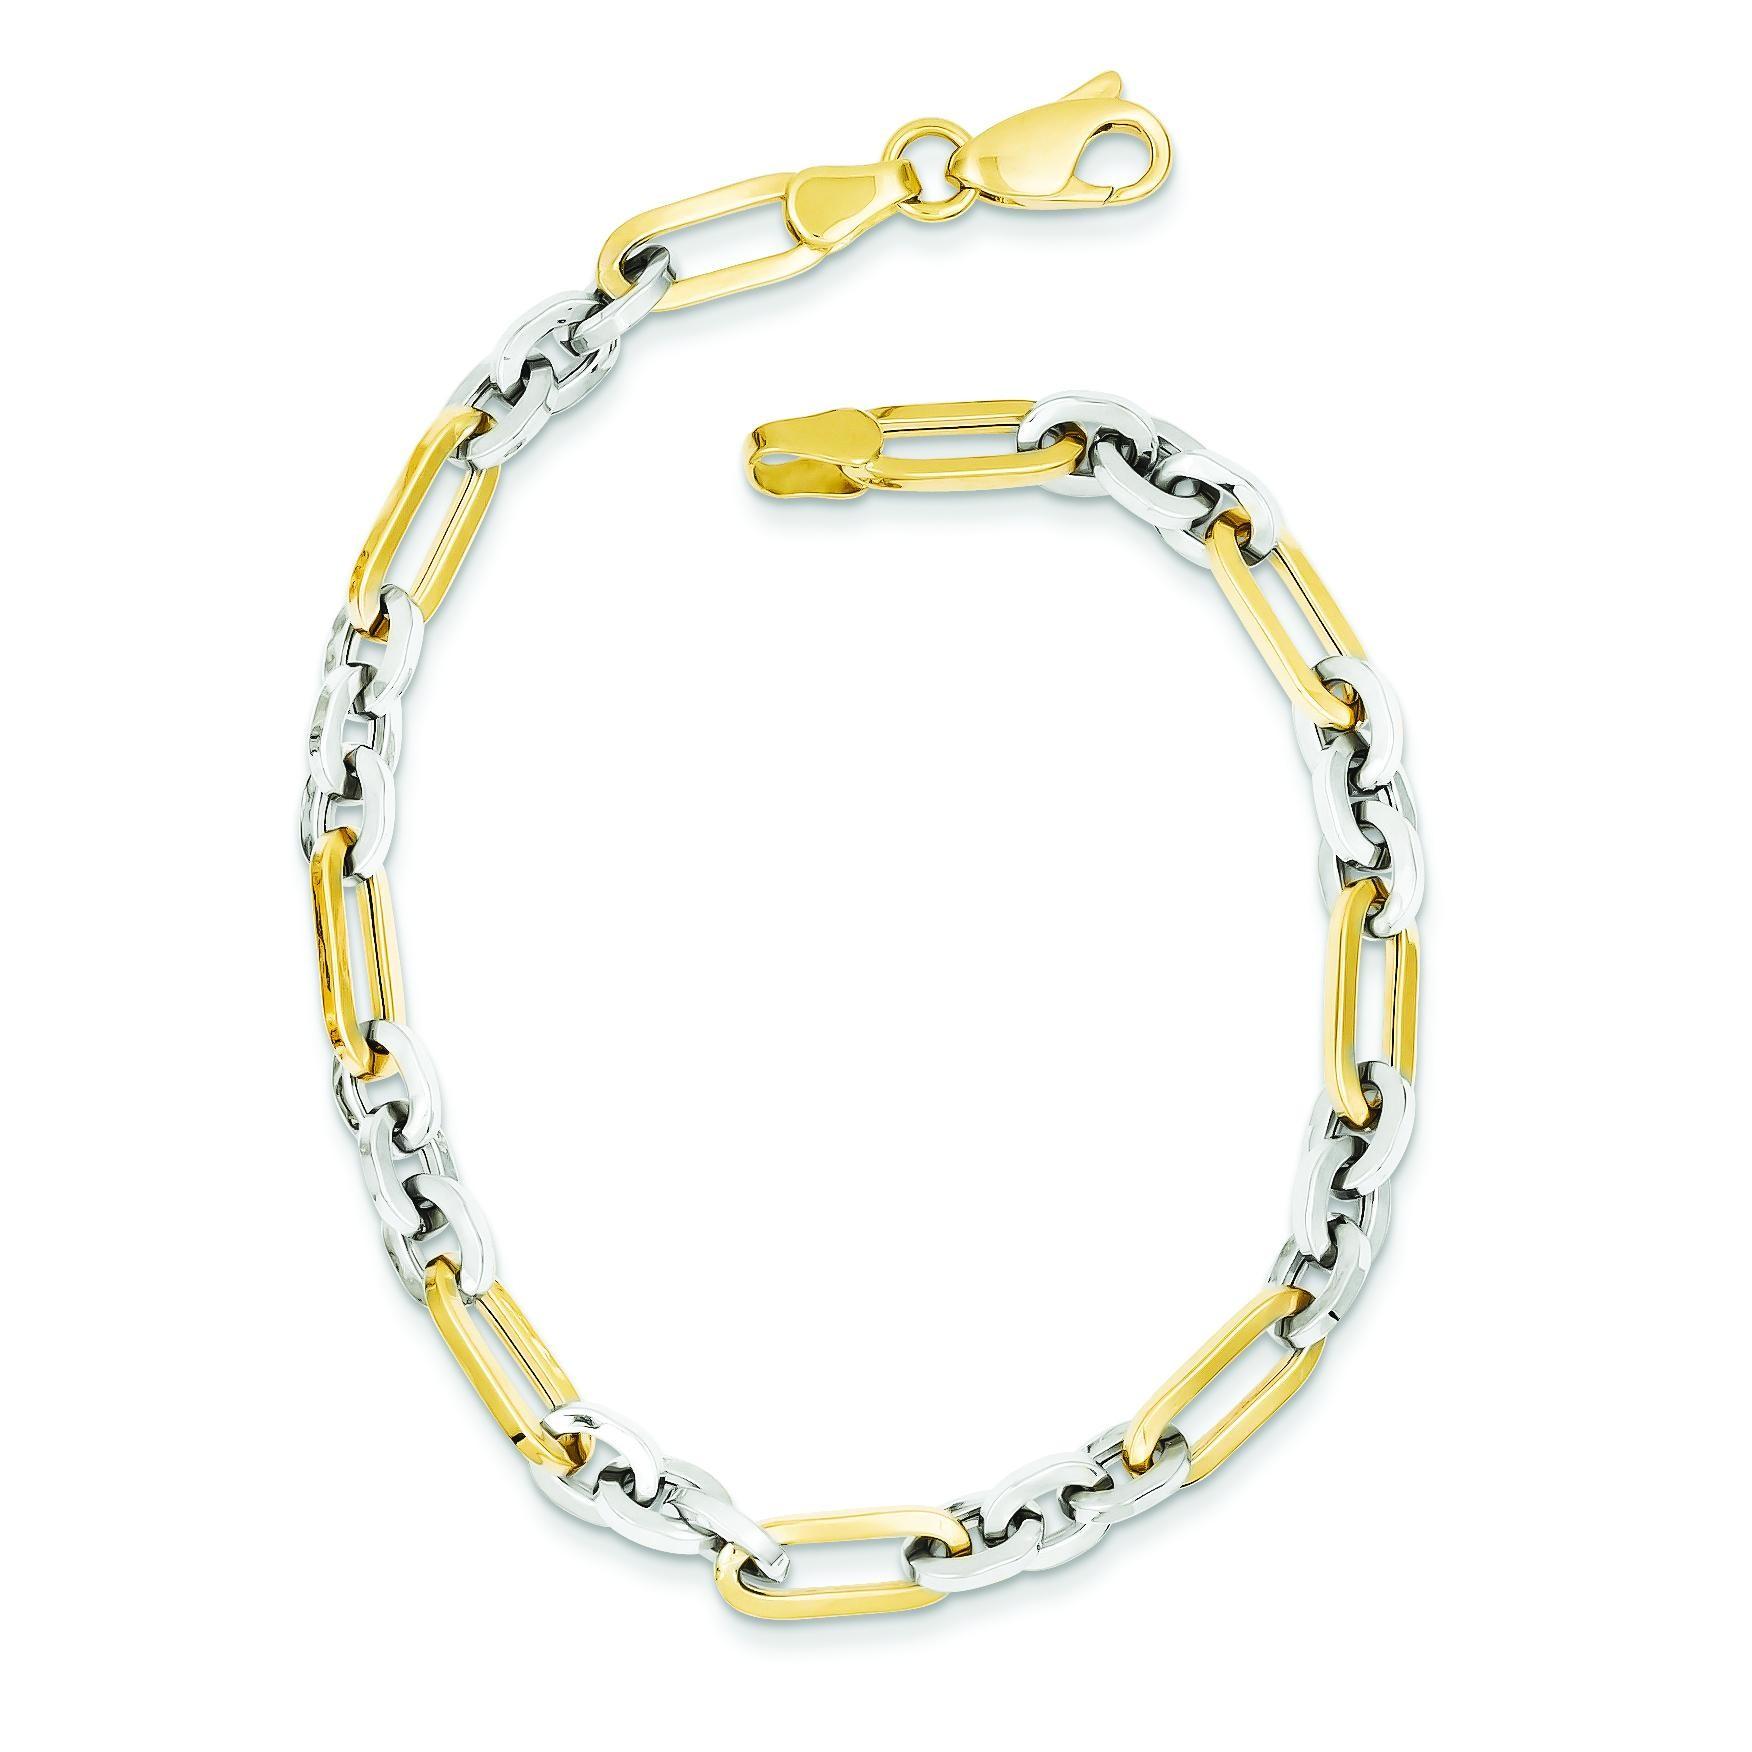 Fancy Link Bracelet in 14k Yellow Gold